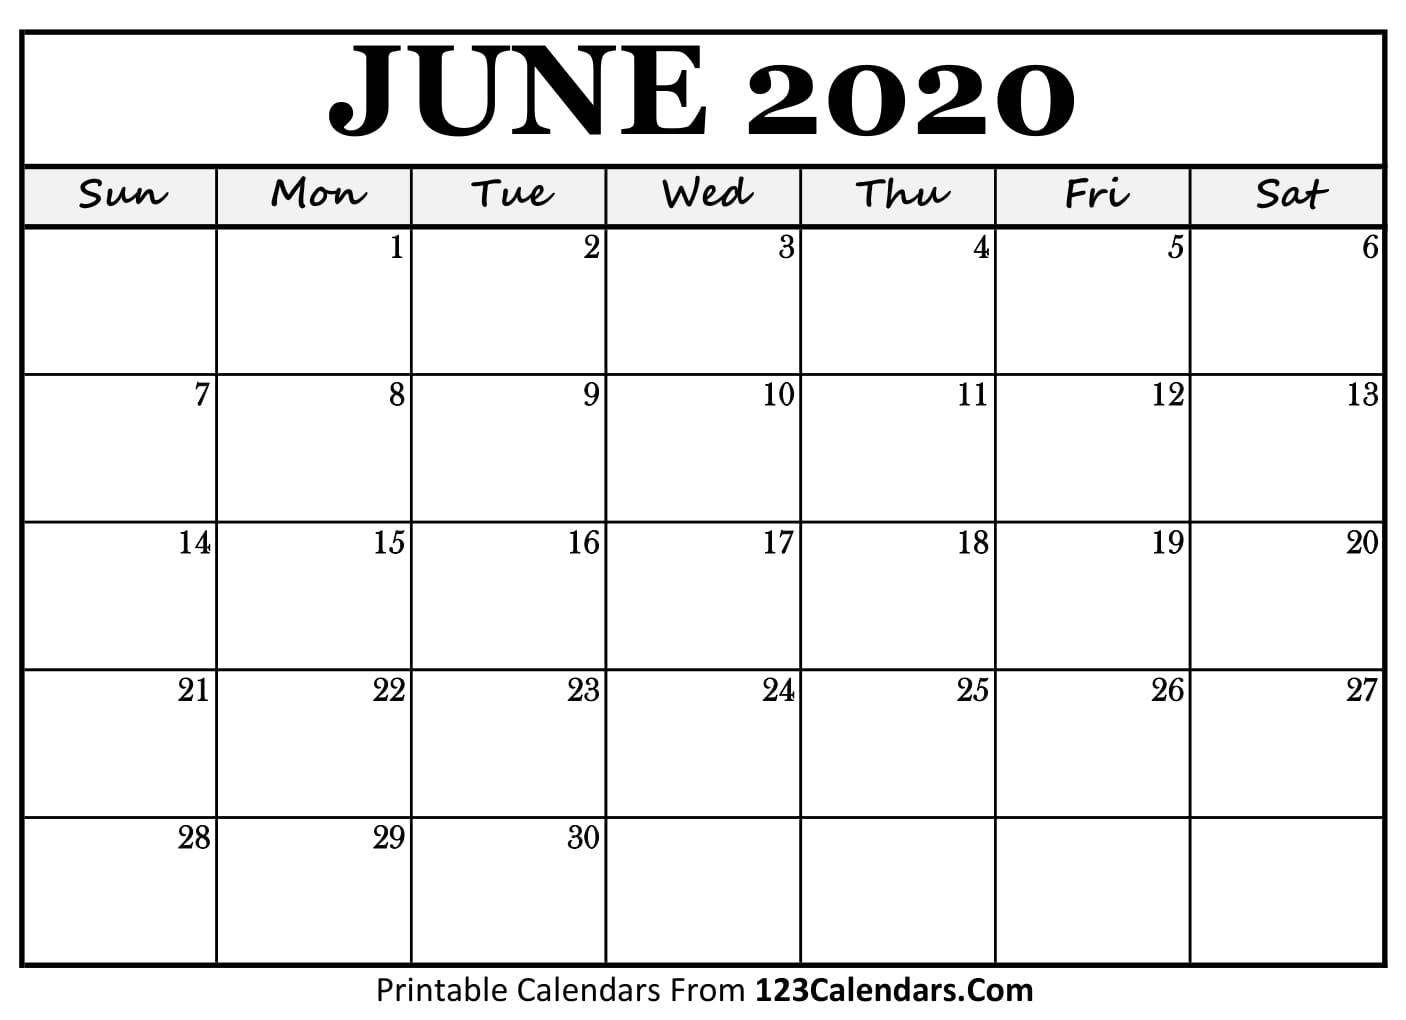 June 2020 Printable Calendar | 123Calendars intended for 2020 Liturgical Calendar June 2020